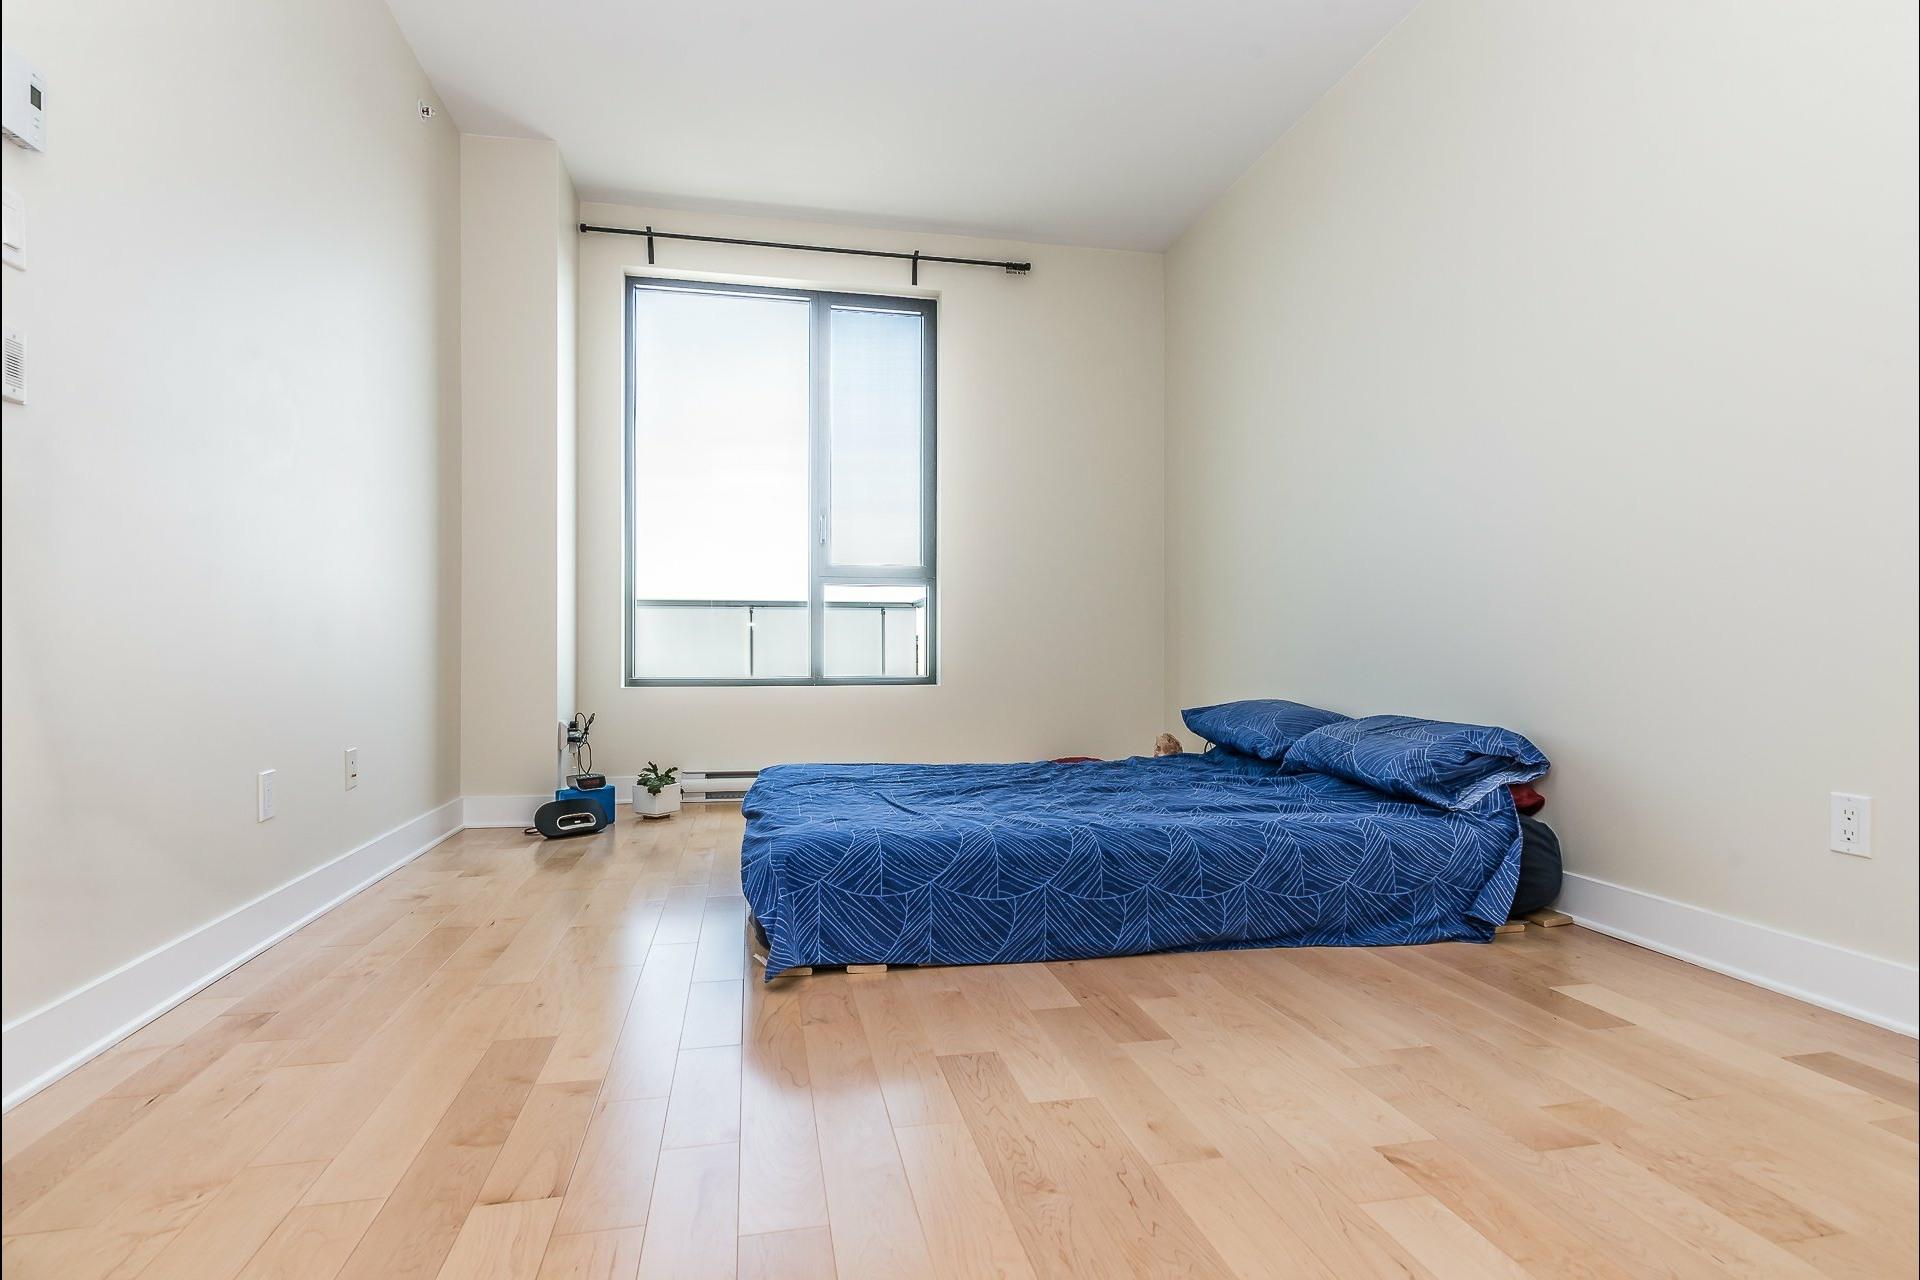 image 10 - Appartement À louer Montréal Côte-des-Neiges/Notre-Dame-de-Grâce  - 5 pièces